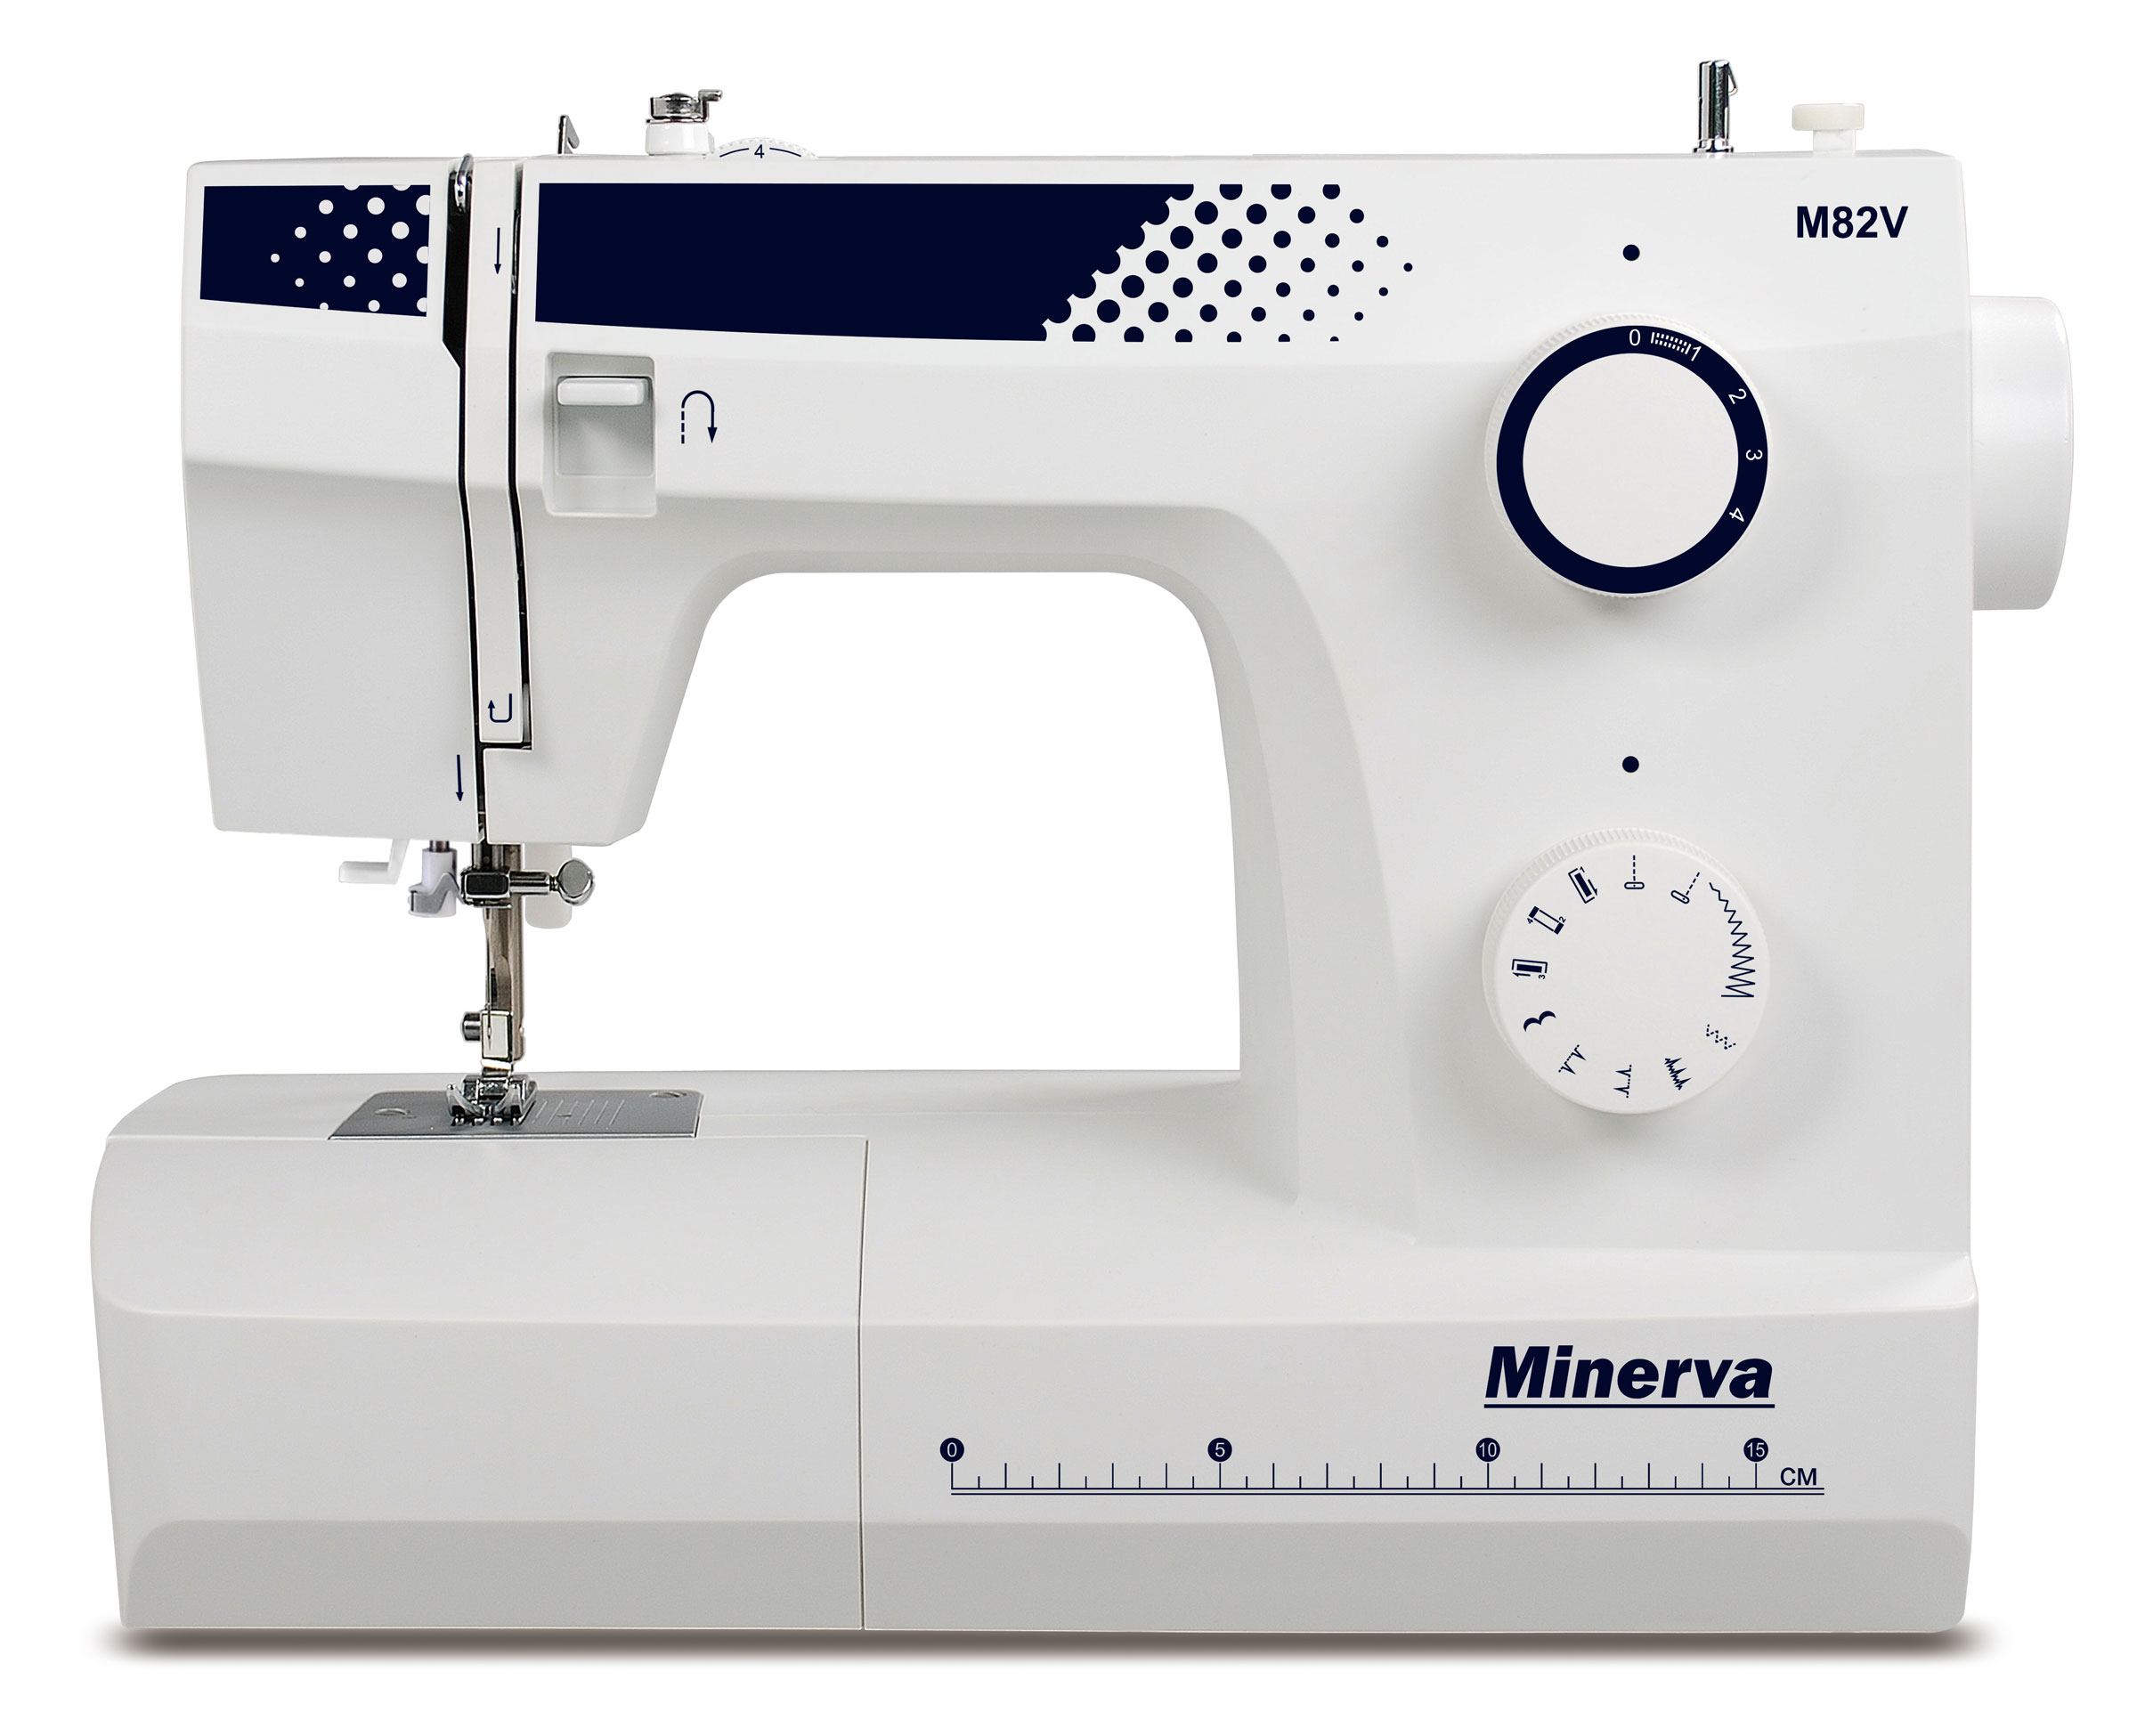 Нові моделі швейних машин Minerva - фото - новина в інтернет-магазині Sewgroup